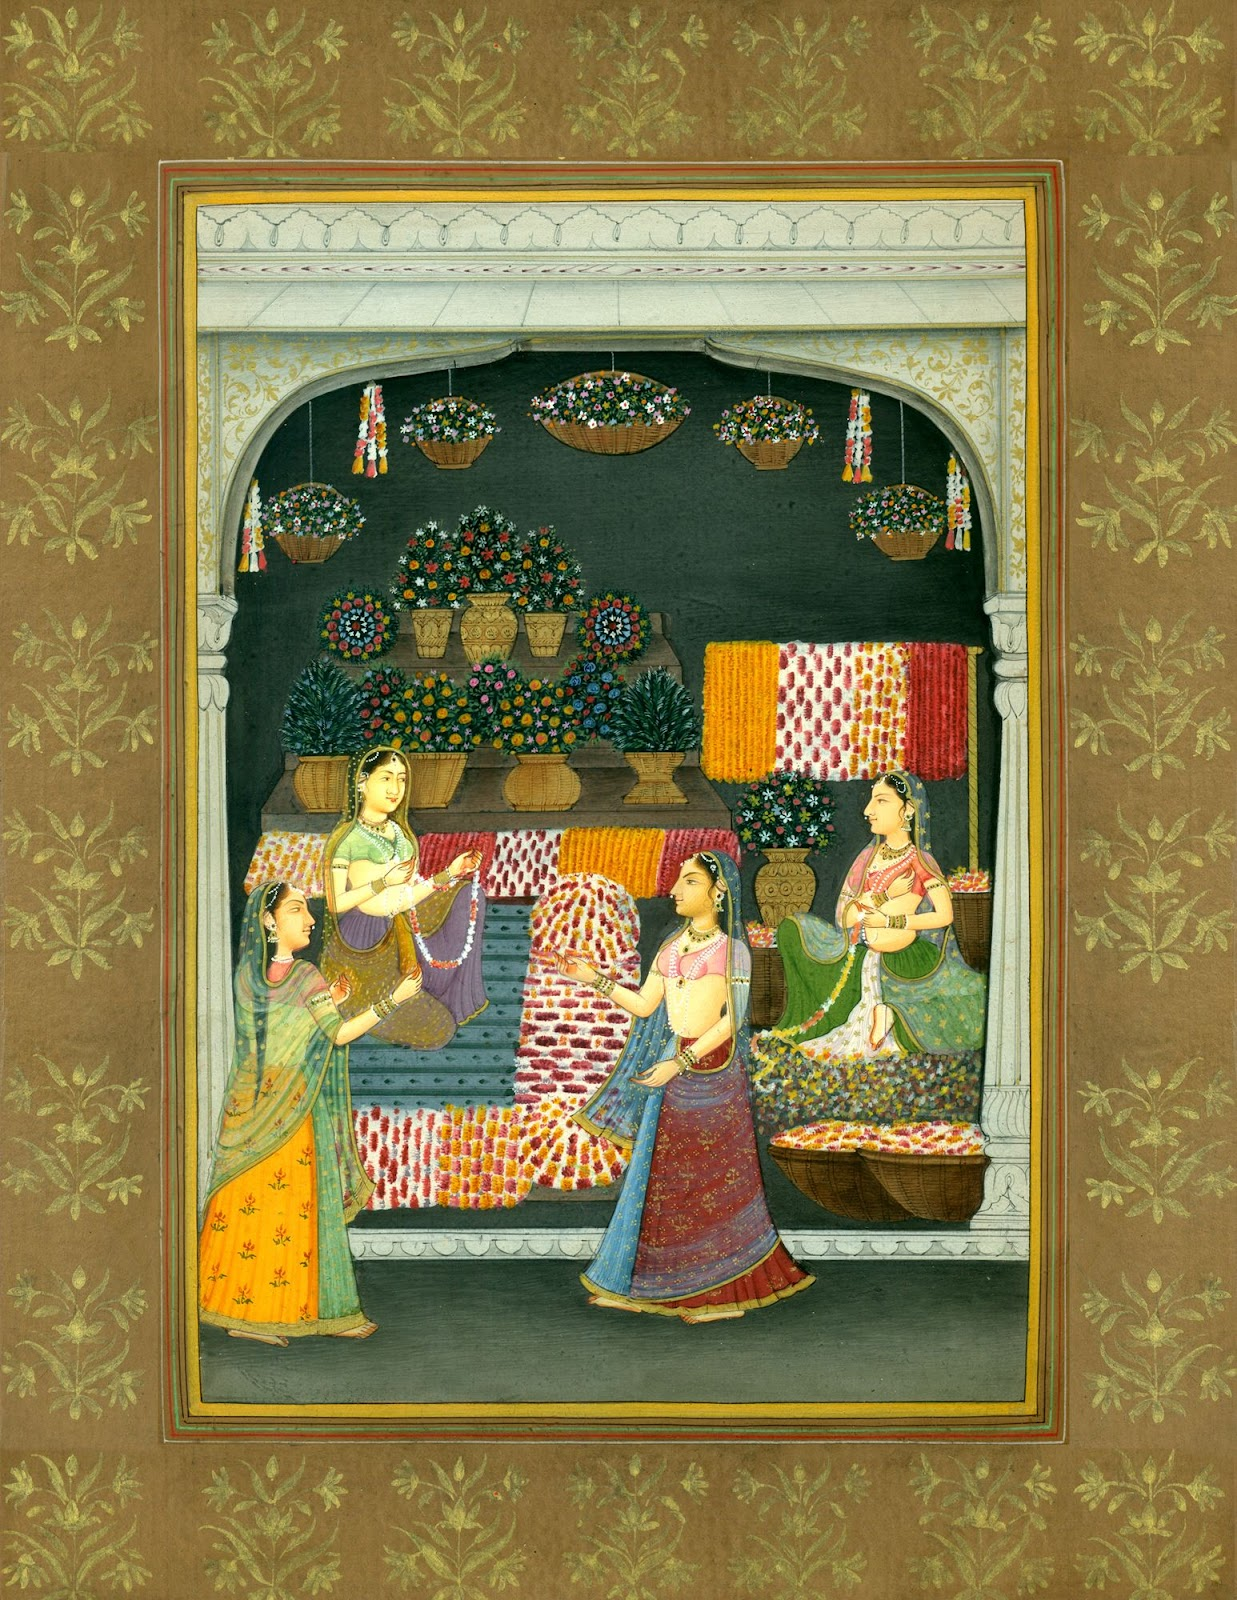 রাজকীয় মিনা বাজারে উপস্থিত নারীরা।